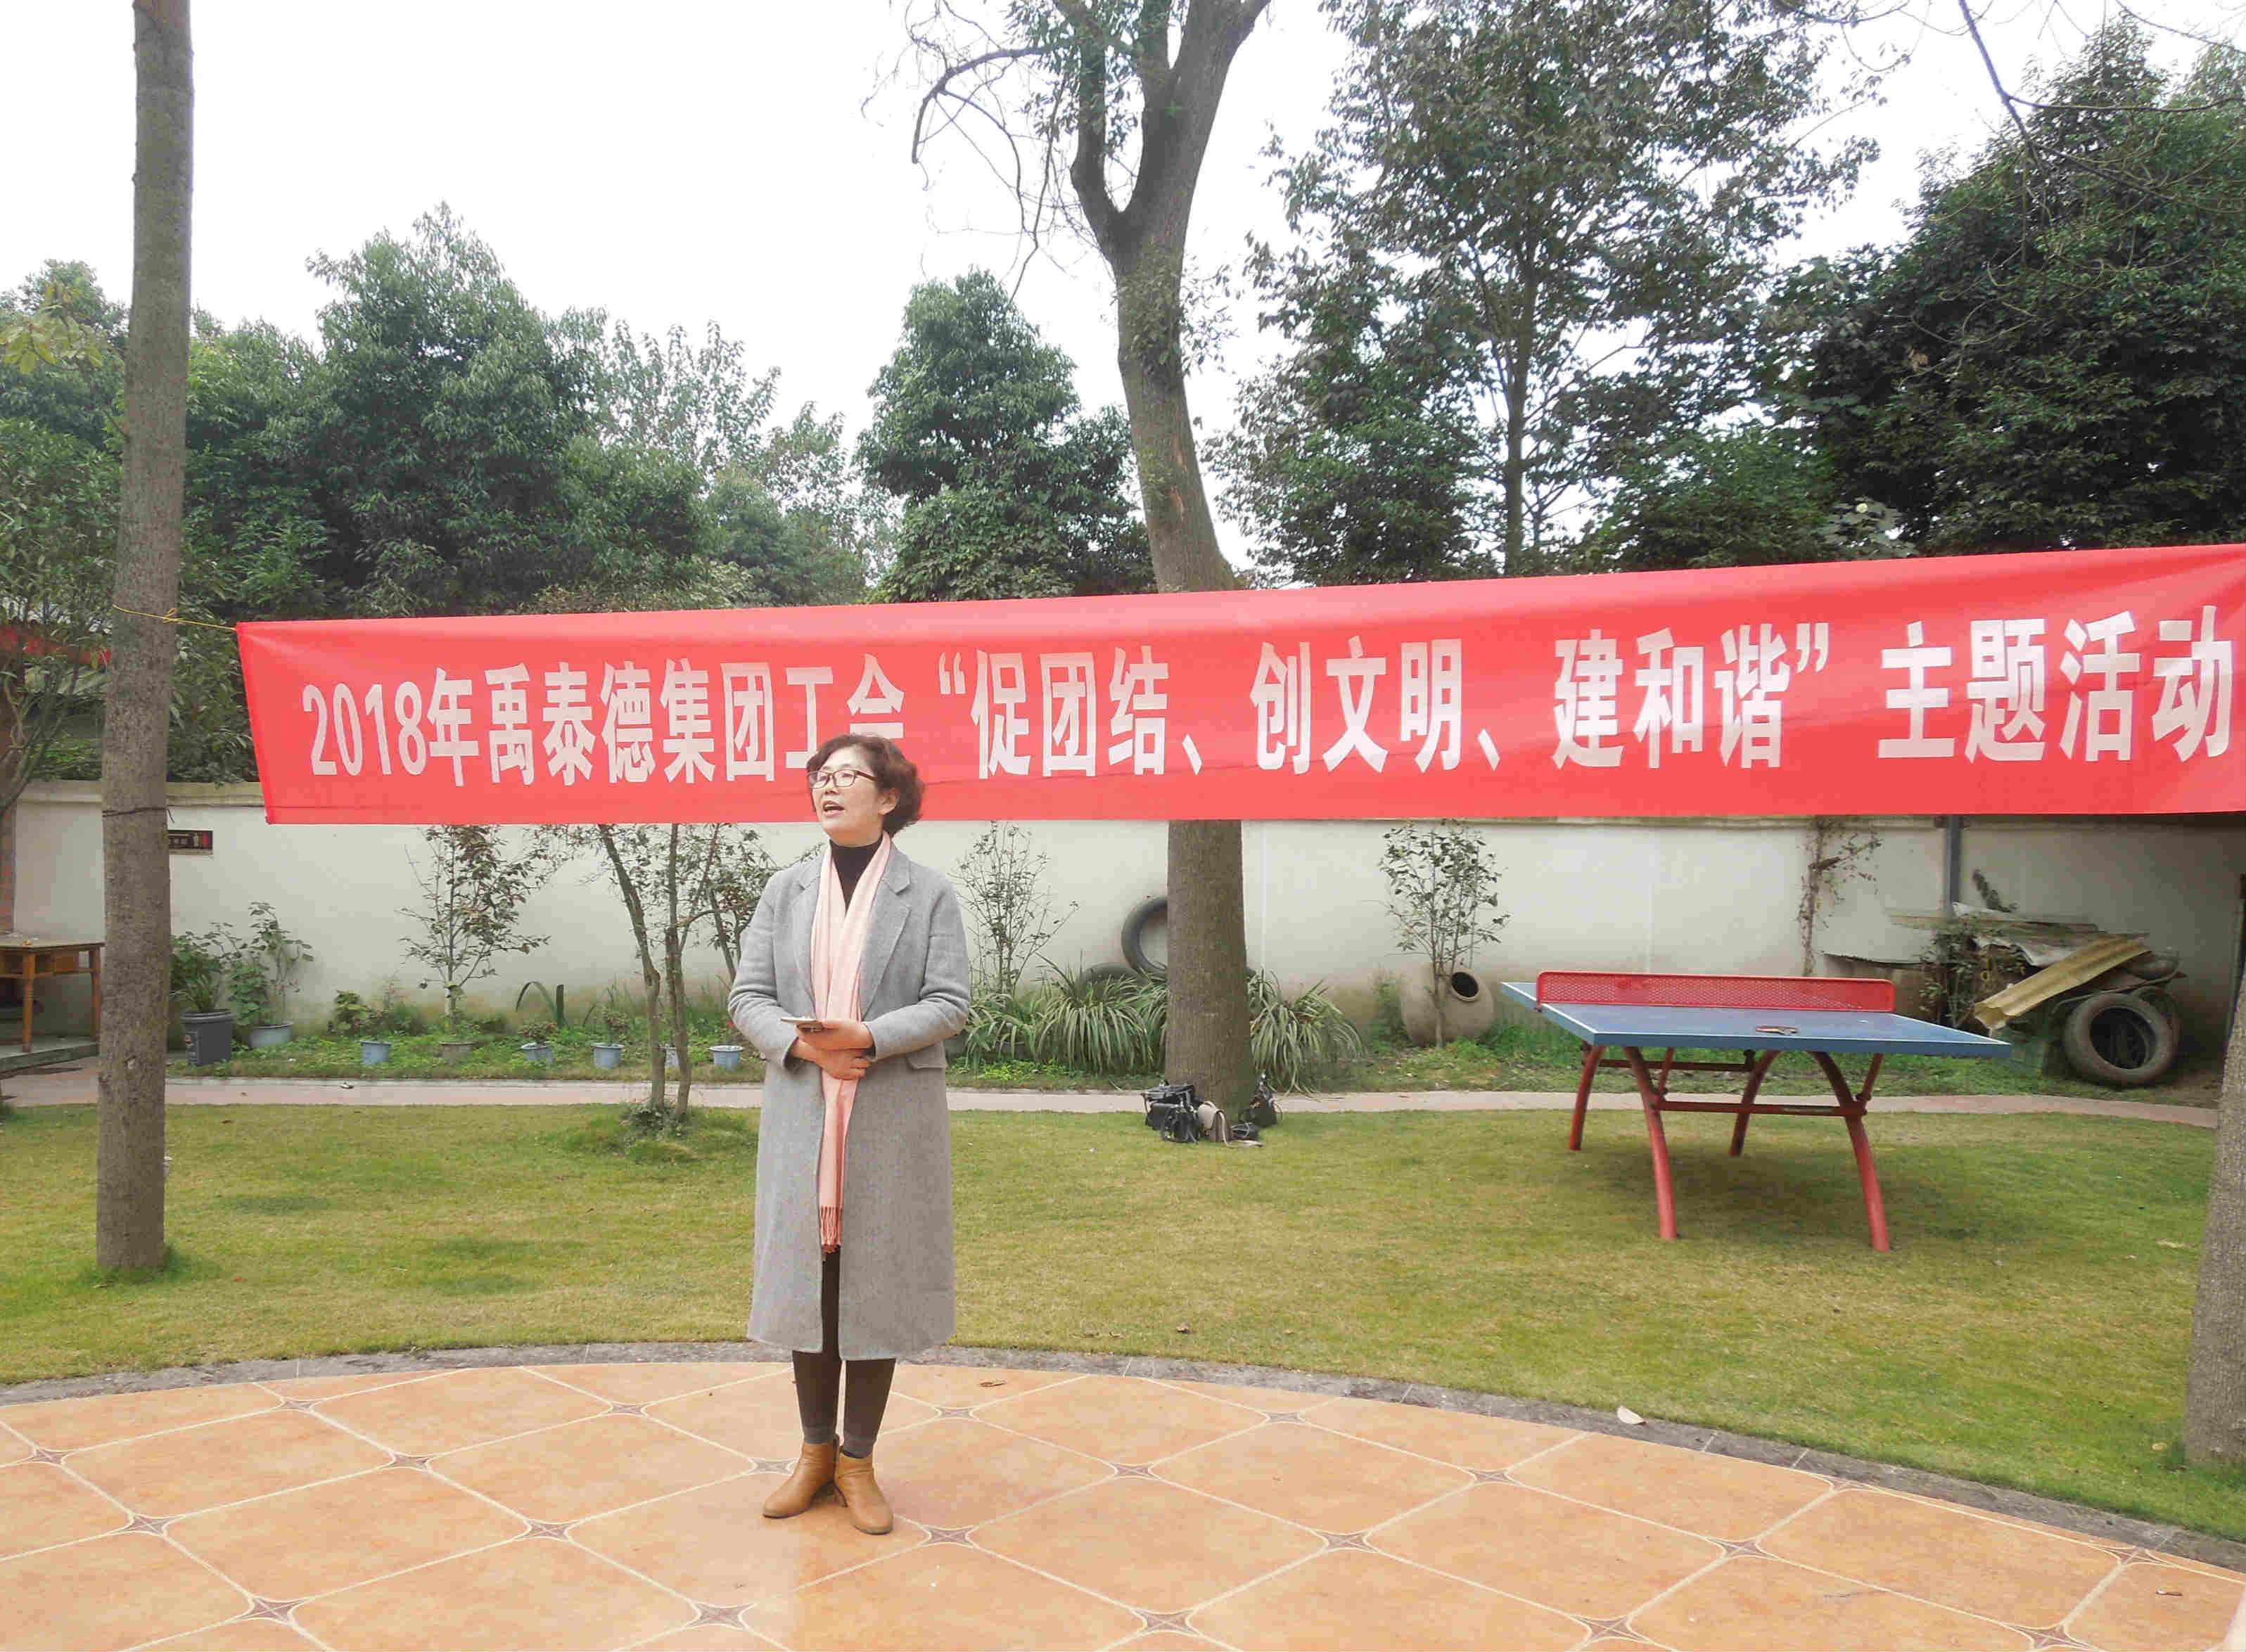 """乐虎国际娱乐登录网址集团工会---开展""""促团结、创文明、建和谐""""活动"""